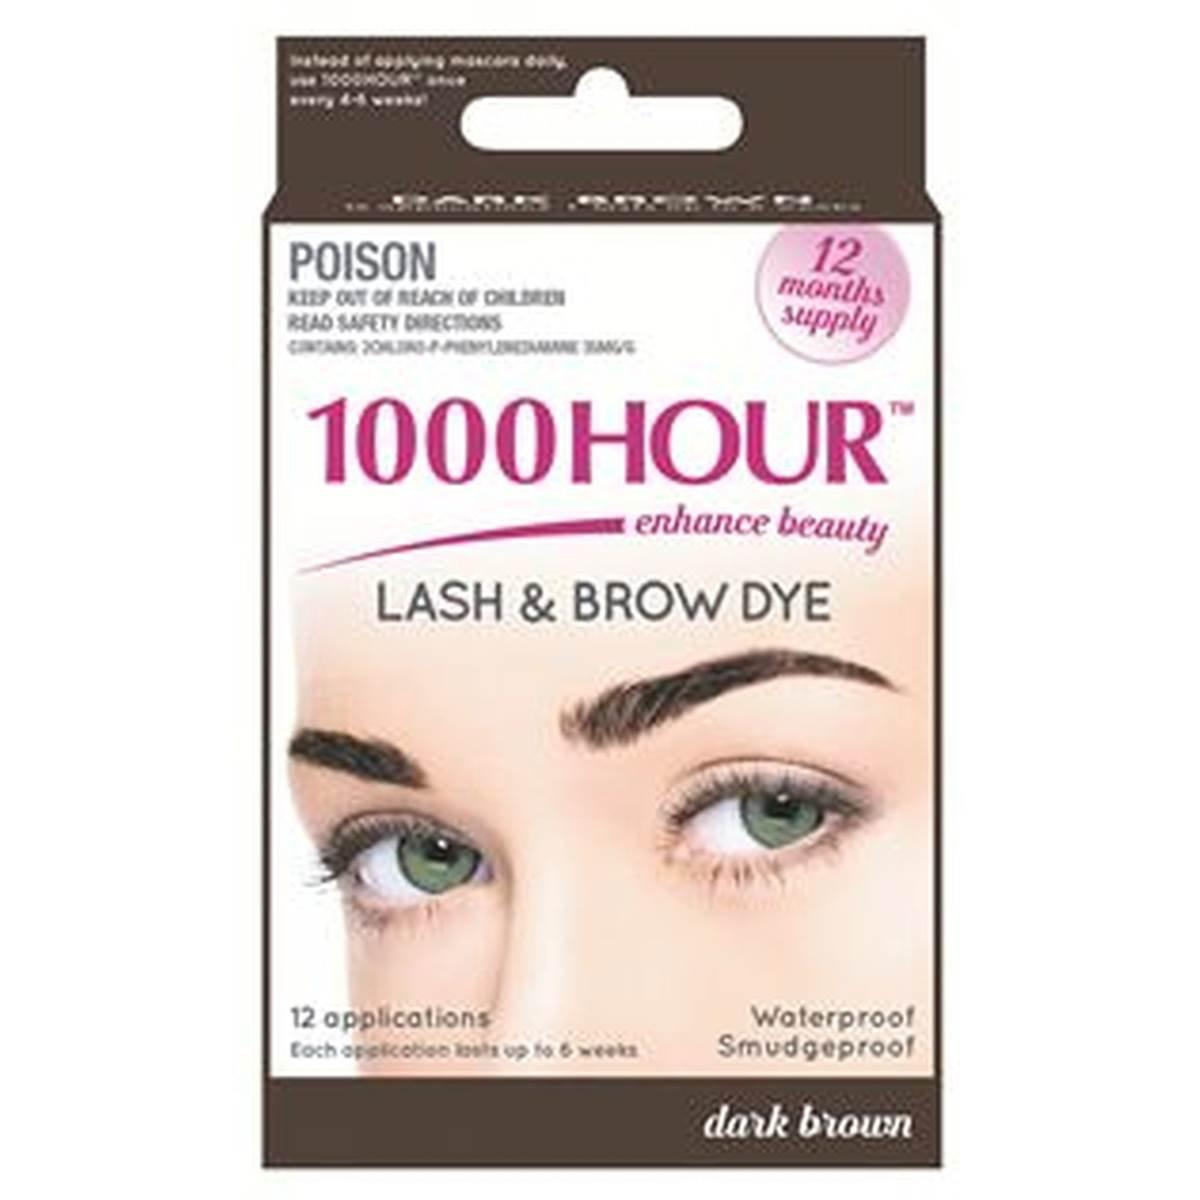 1000 Hour Eyelash & Brow Dye /Tint Kit Permanent Mascara (Dark Brown)